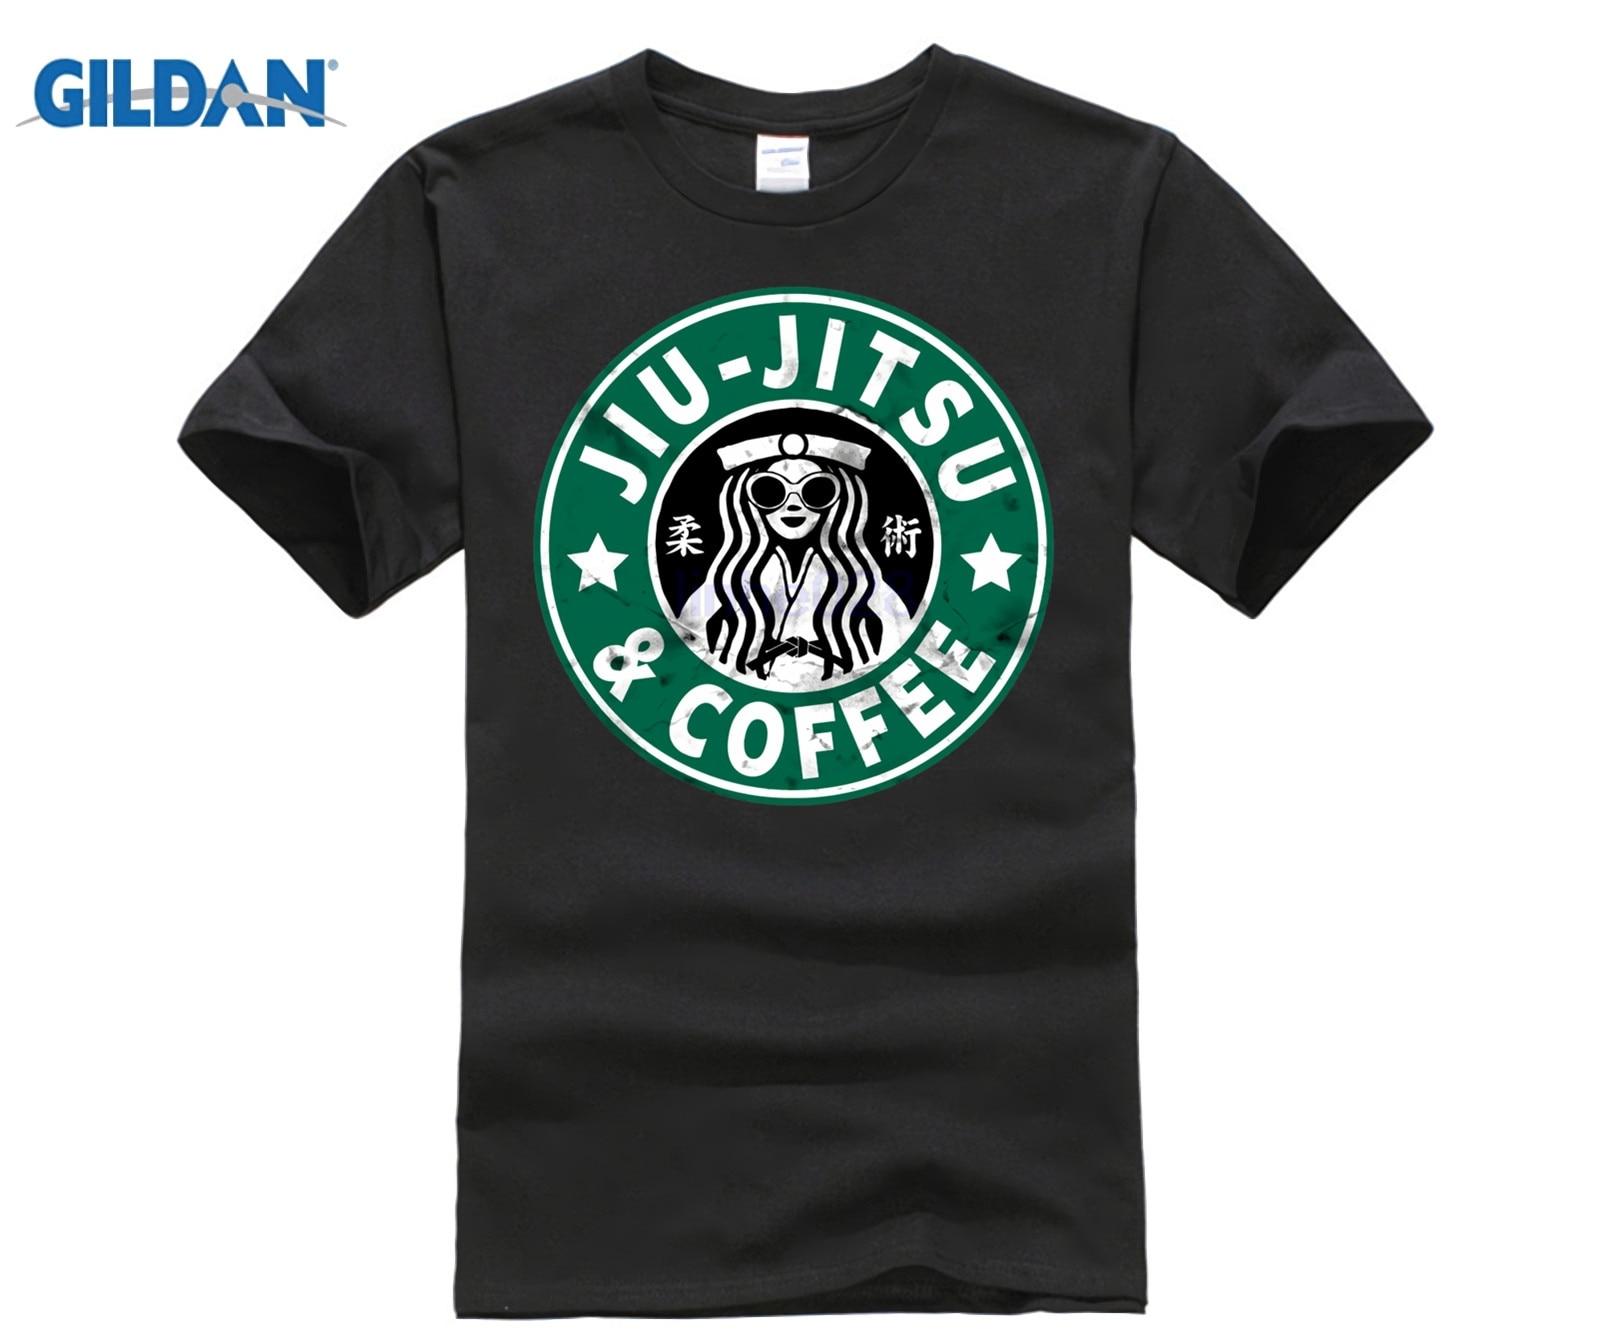 GILDAN JIU JITSU AND COFFEE FUNNY BRAZILIAN JIU JITSU   T     Shirt